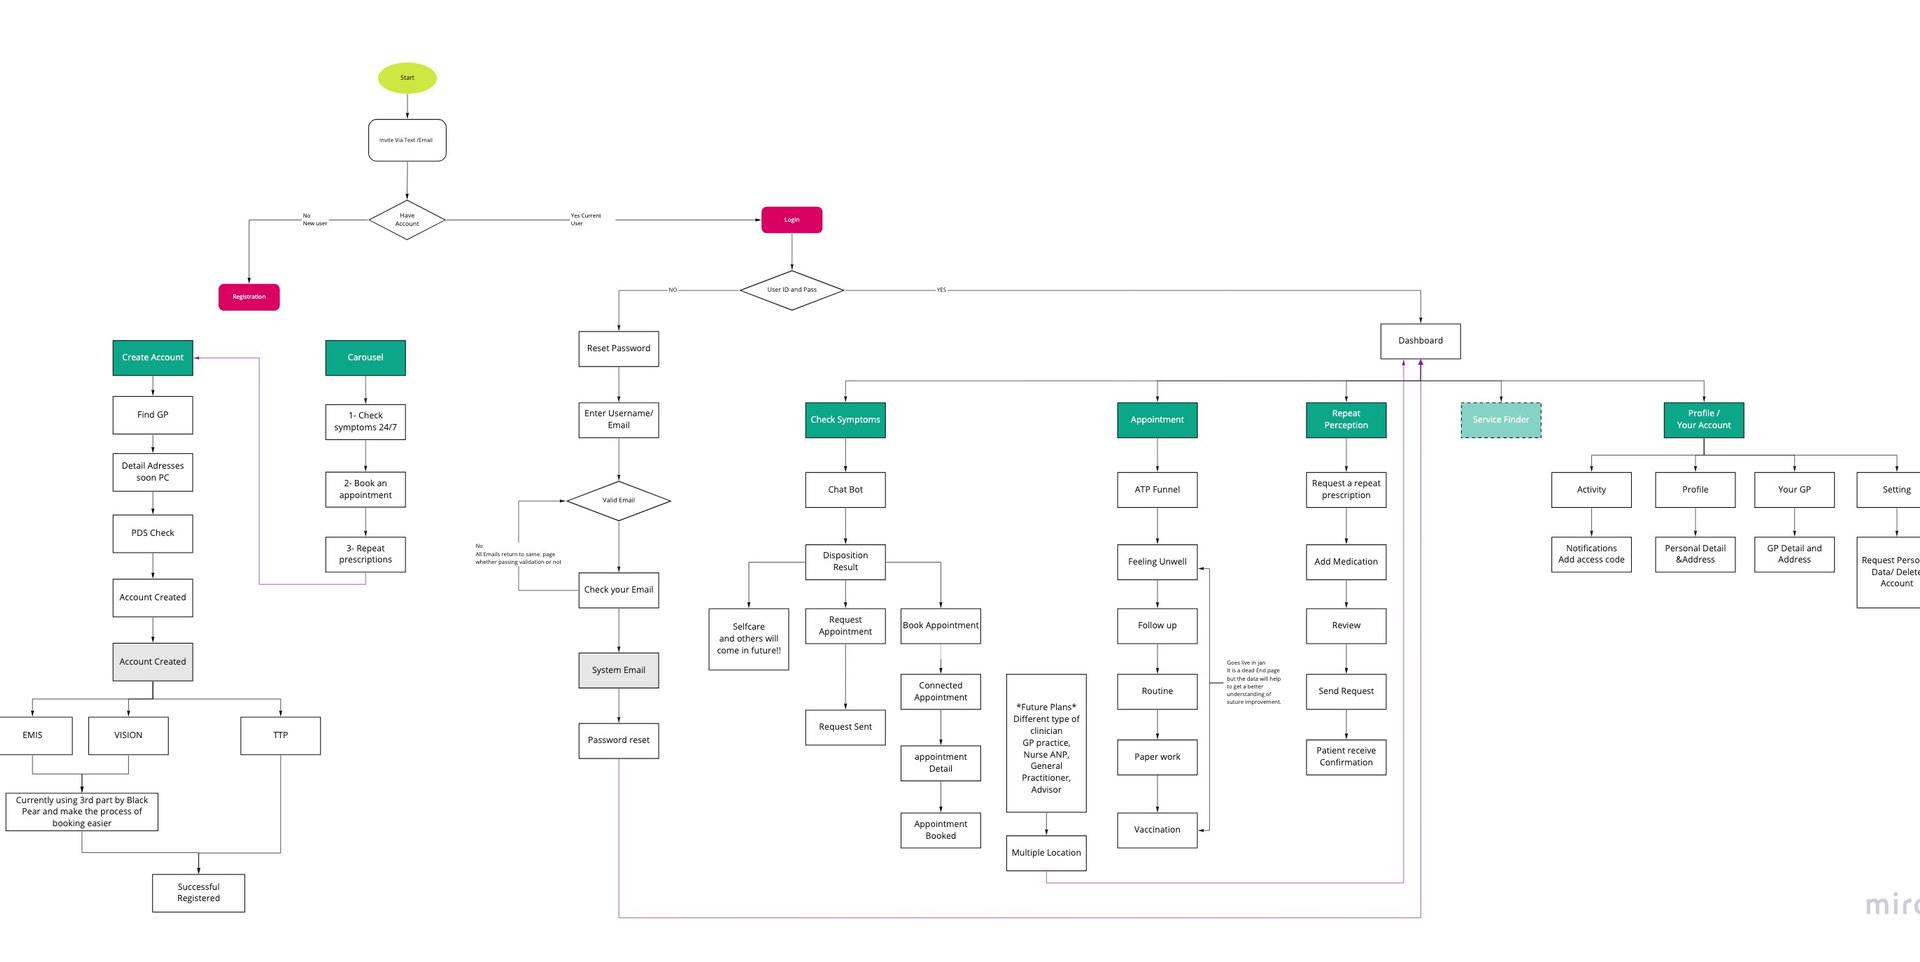 Doctorlink flow chart.jpg